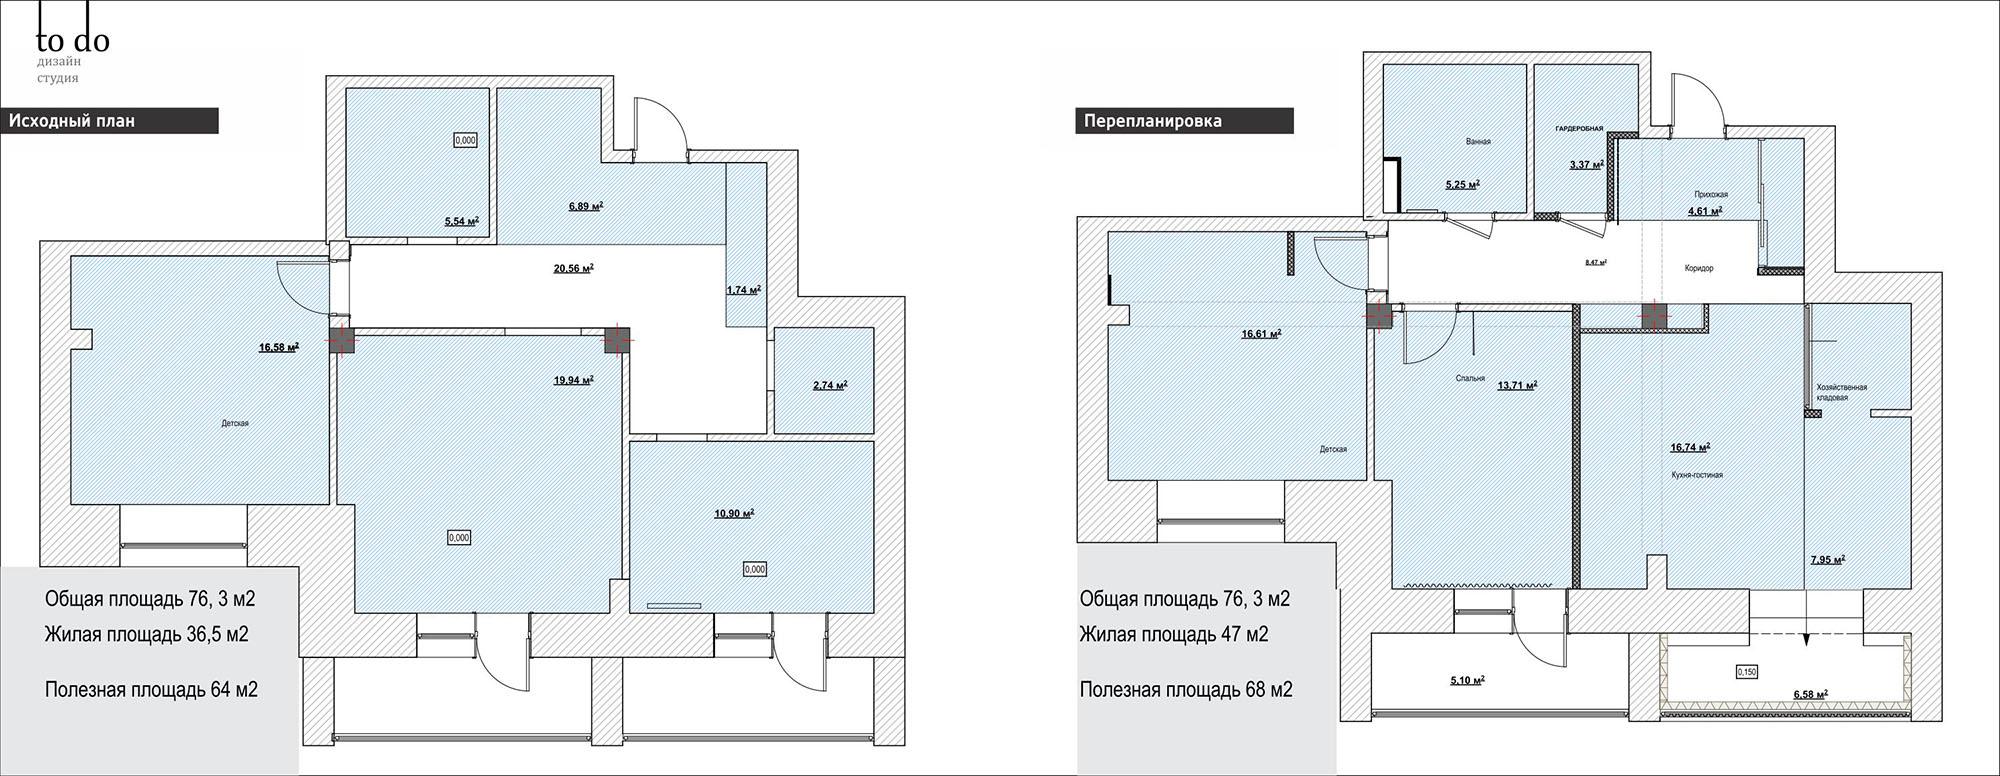 Перепланировка большой квартиры